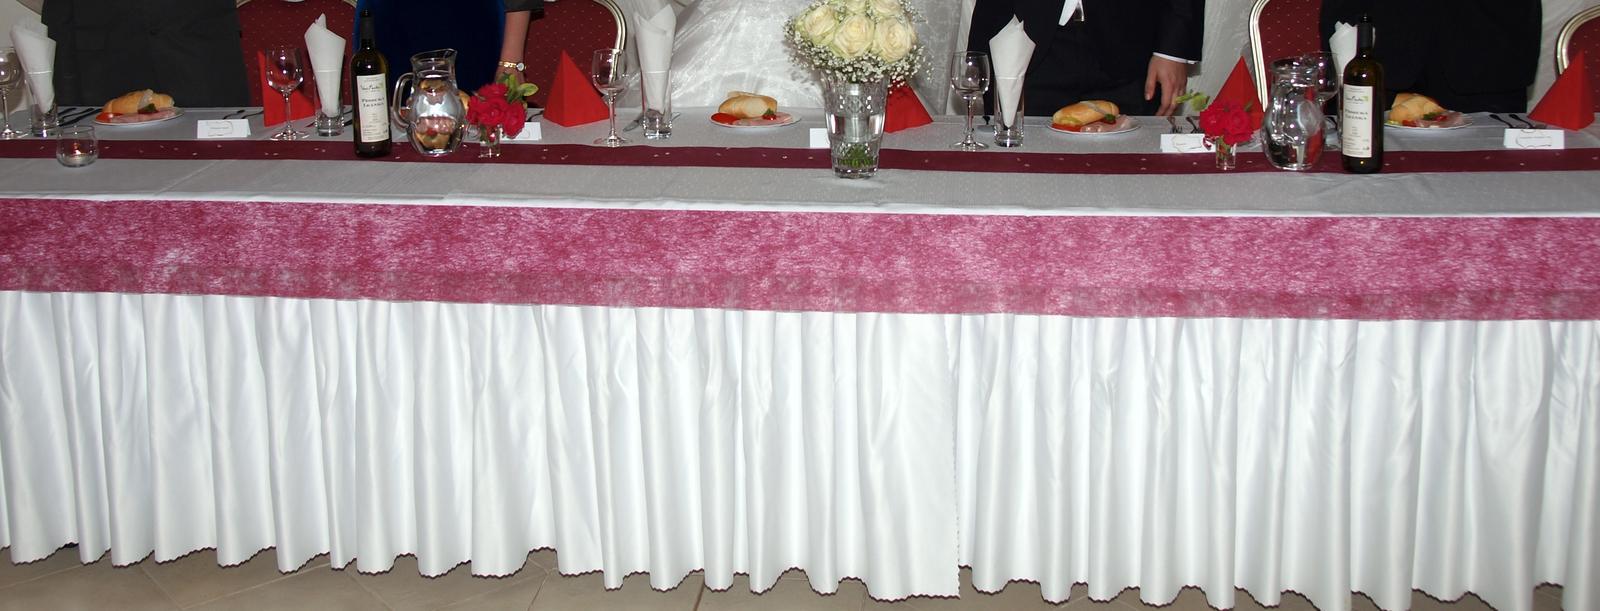 Ozdobný pás,pavučina,rúno,Ozdoba na stol. 0,5m/10m - Obrázok č. 3